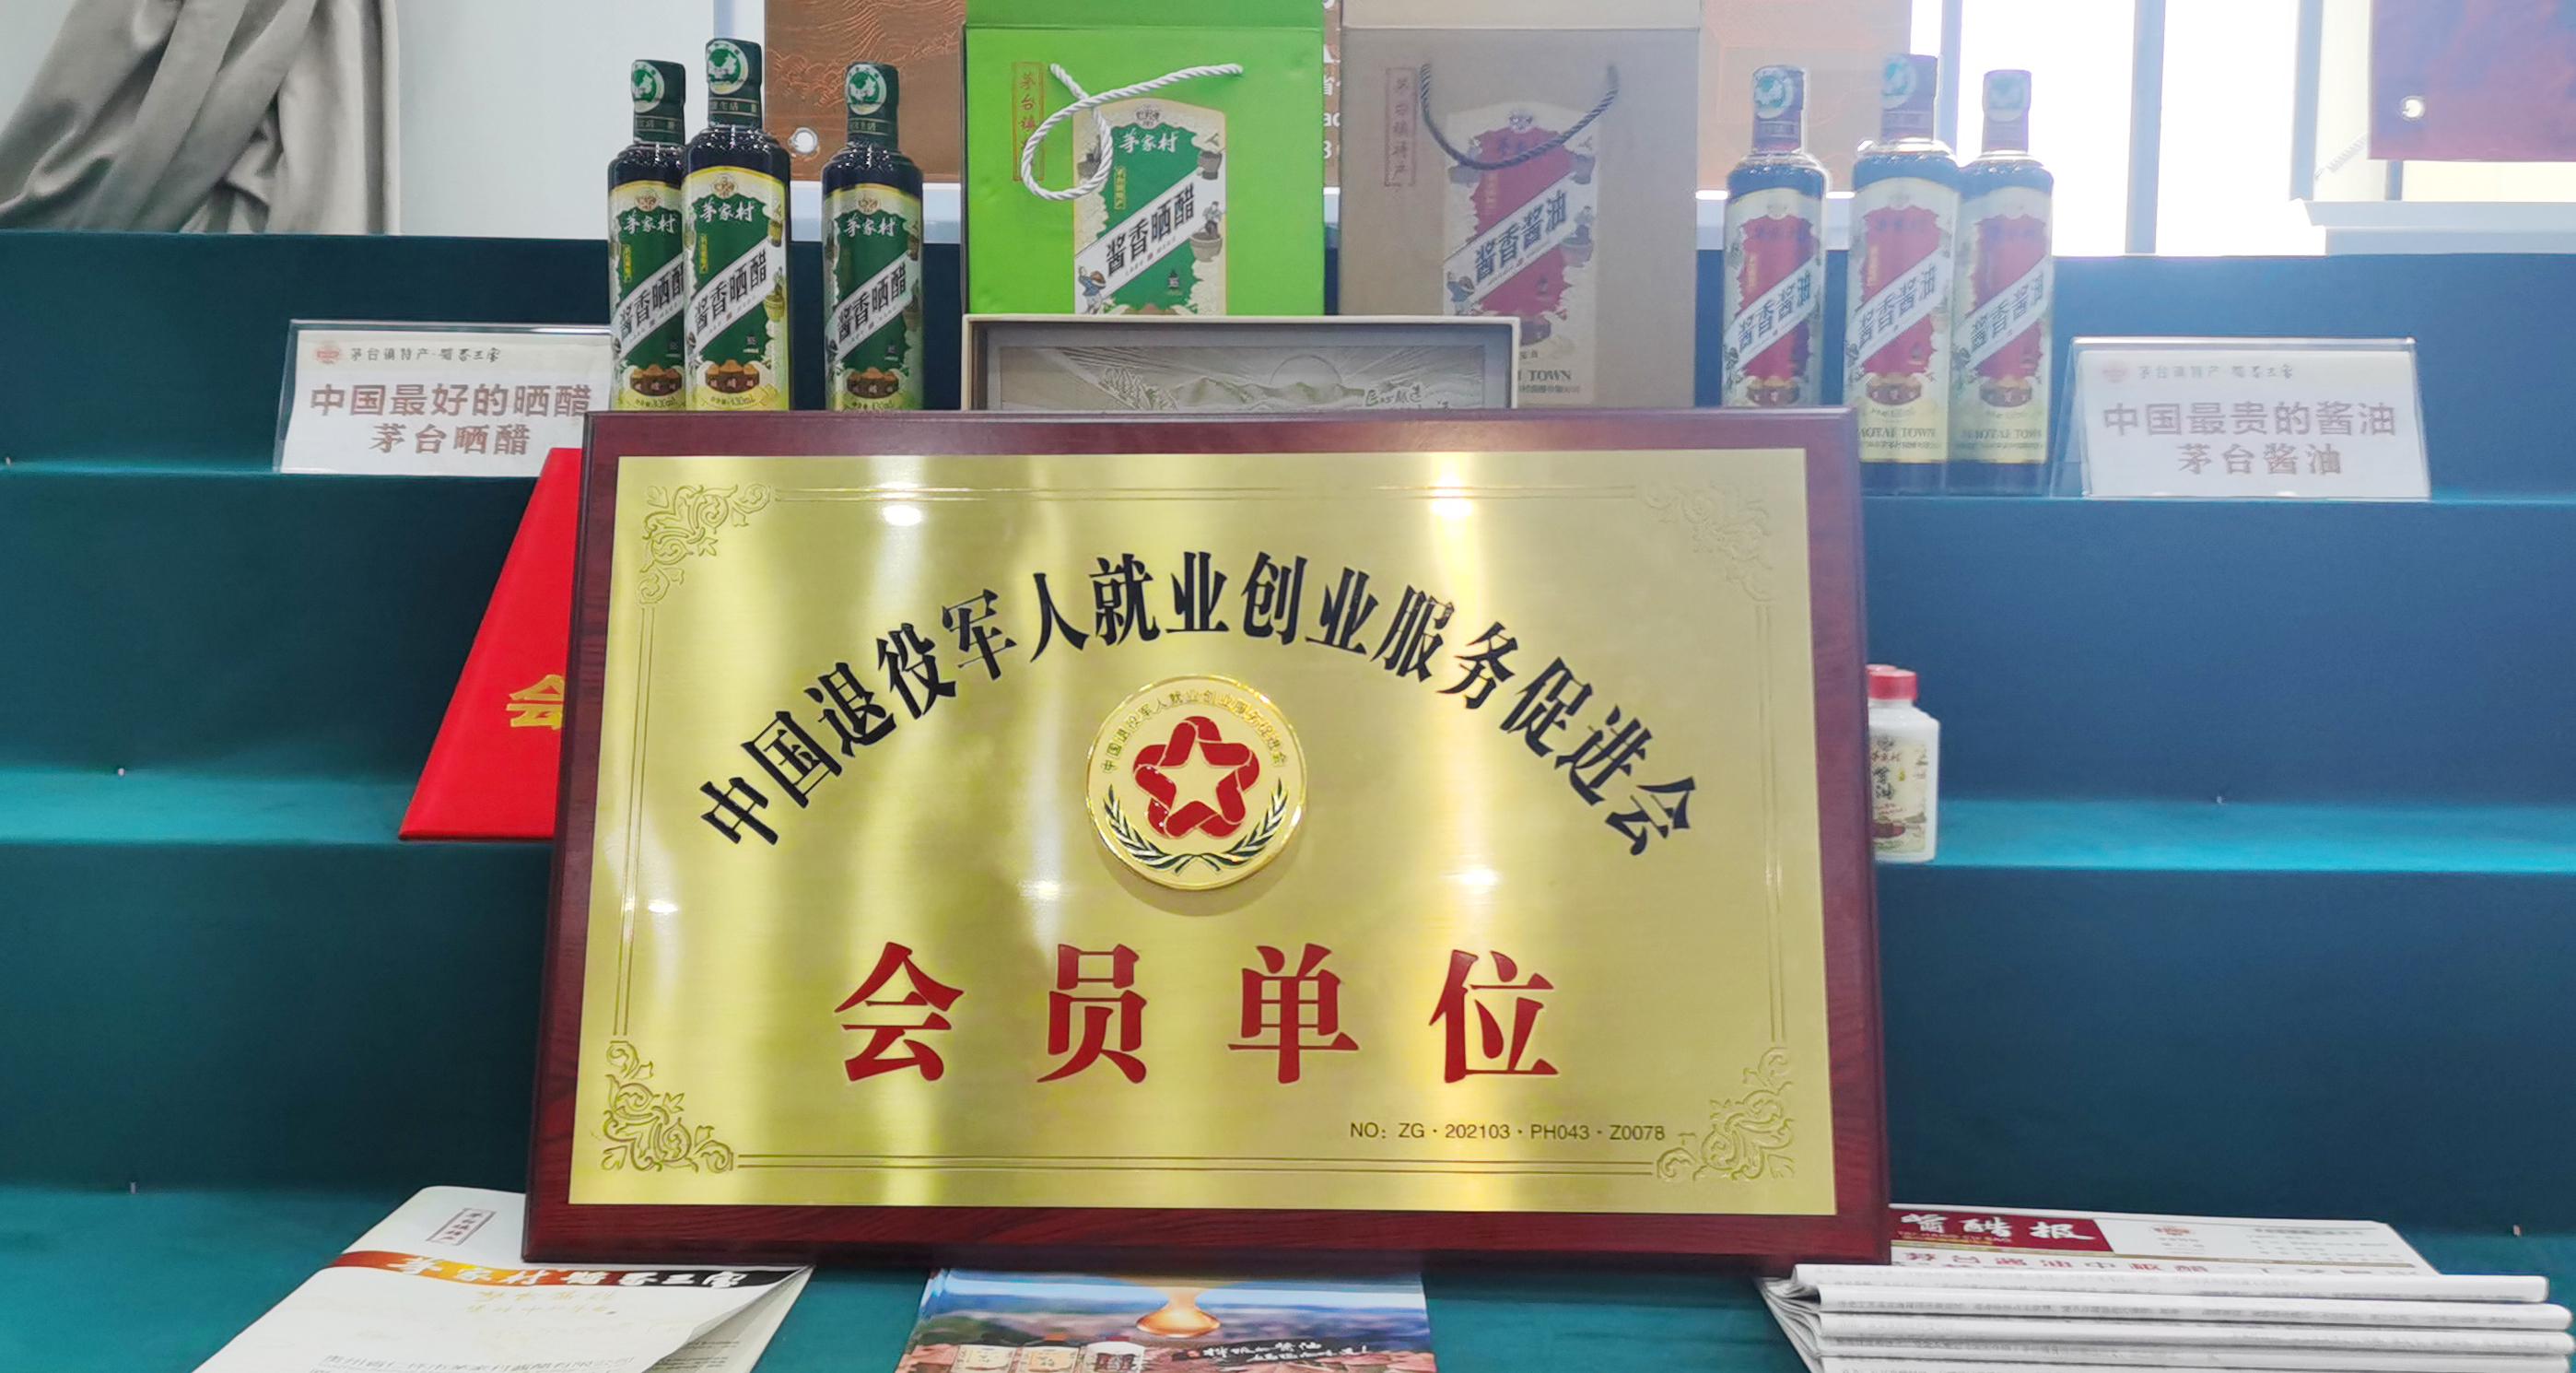 茅抓饭直播官方酱醋公司正式入选为中国退役军人就业创业服务促进会会员单位